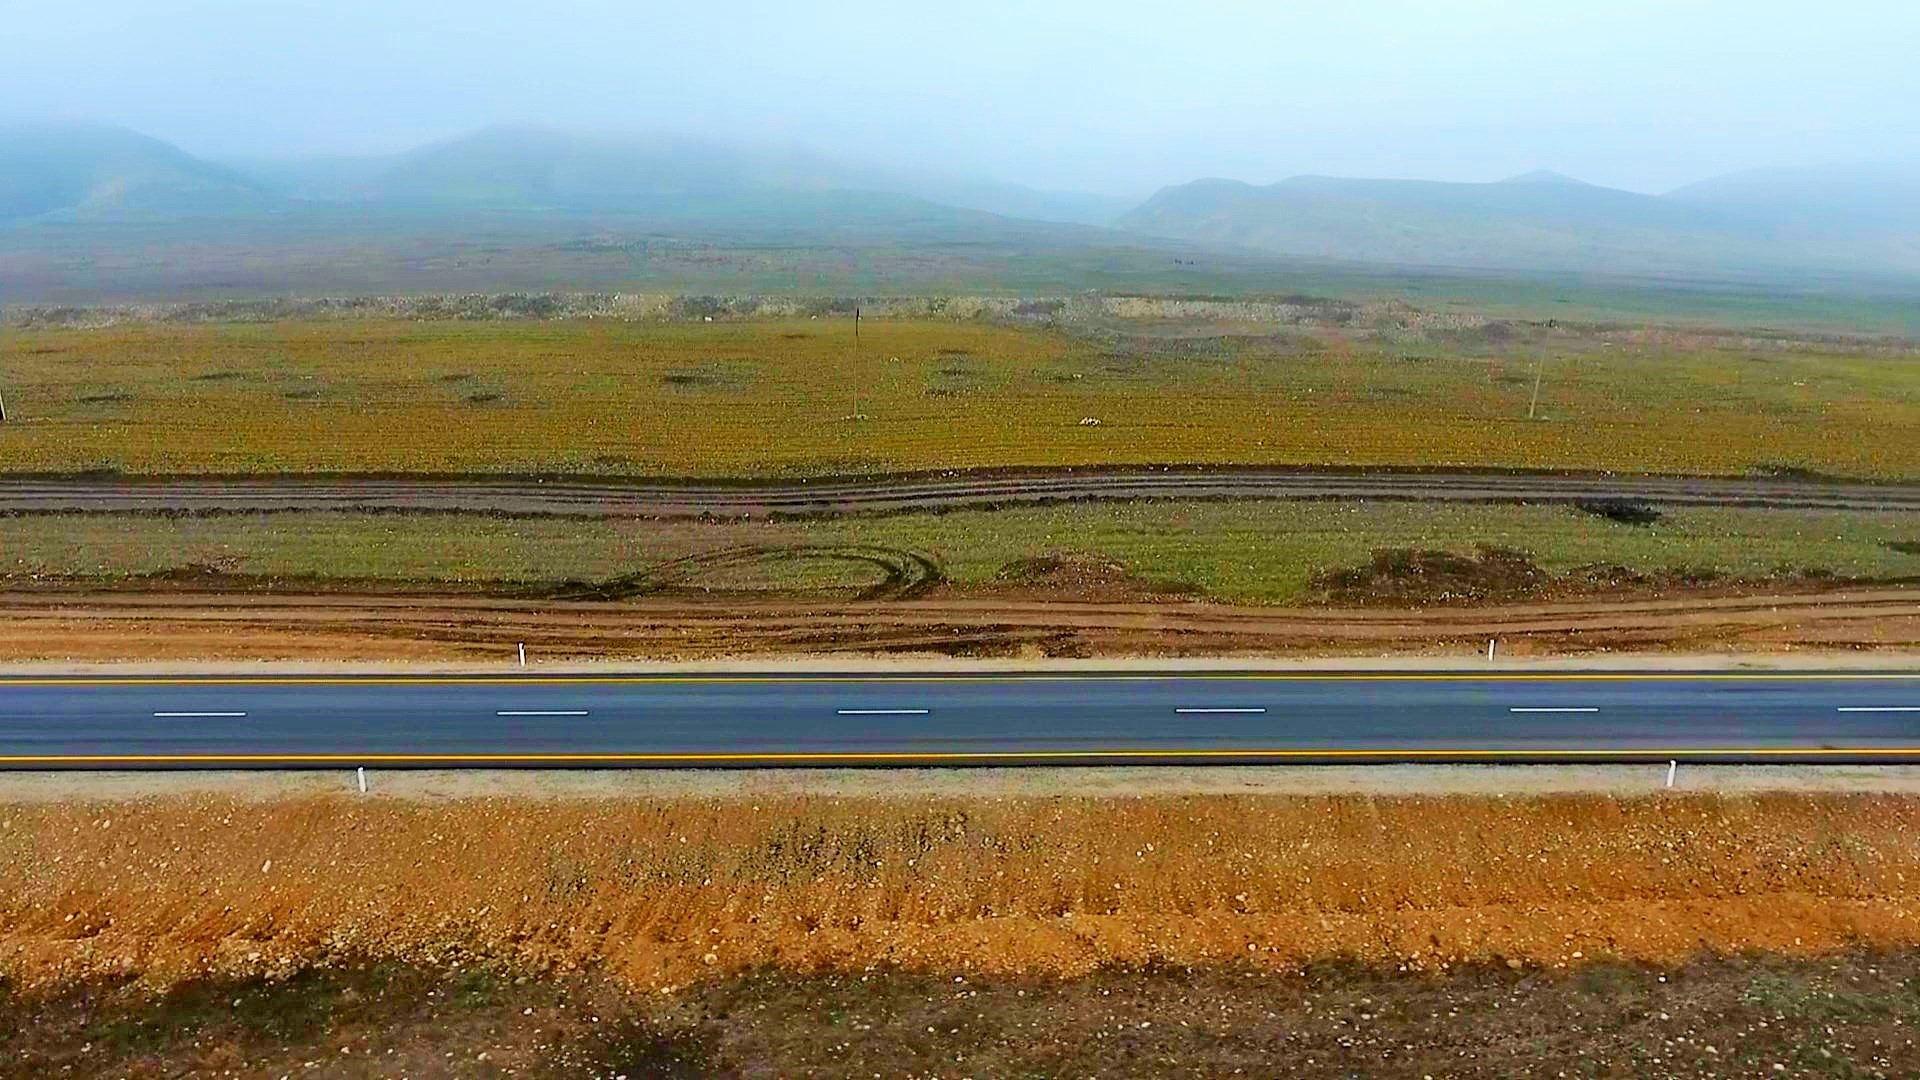 Завершен первый этап реконструкции автодорог в освобожденные села Суговушан и Талыш (ФОТО/ВИДЕО) - Gallery Image